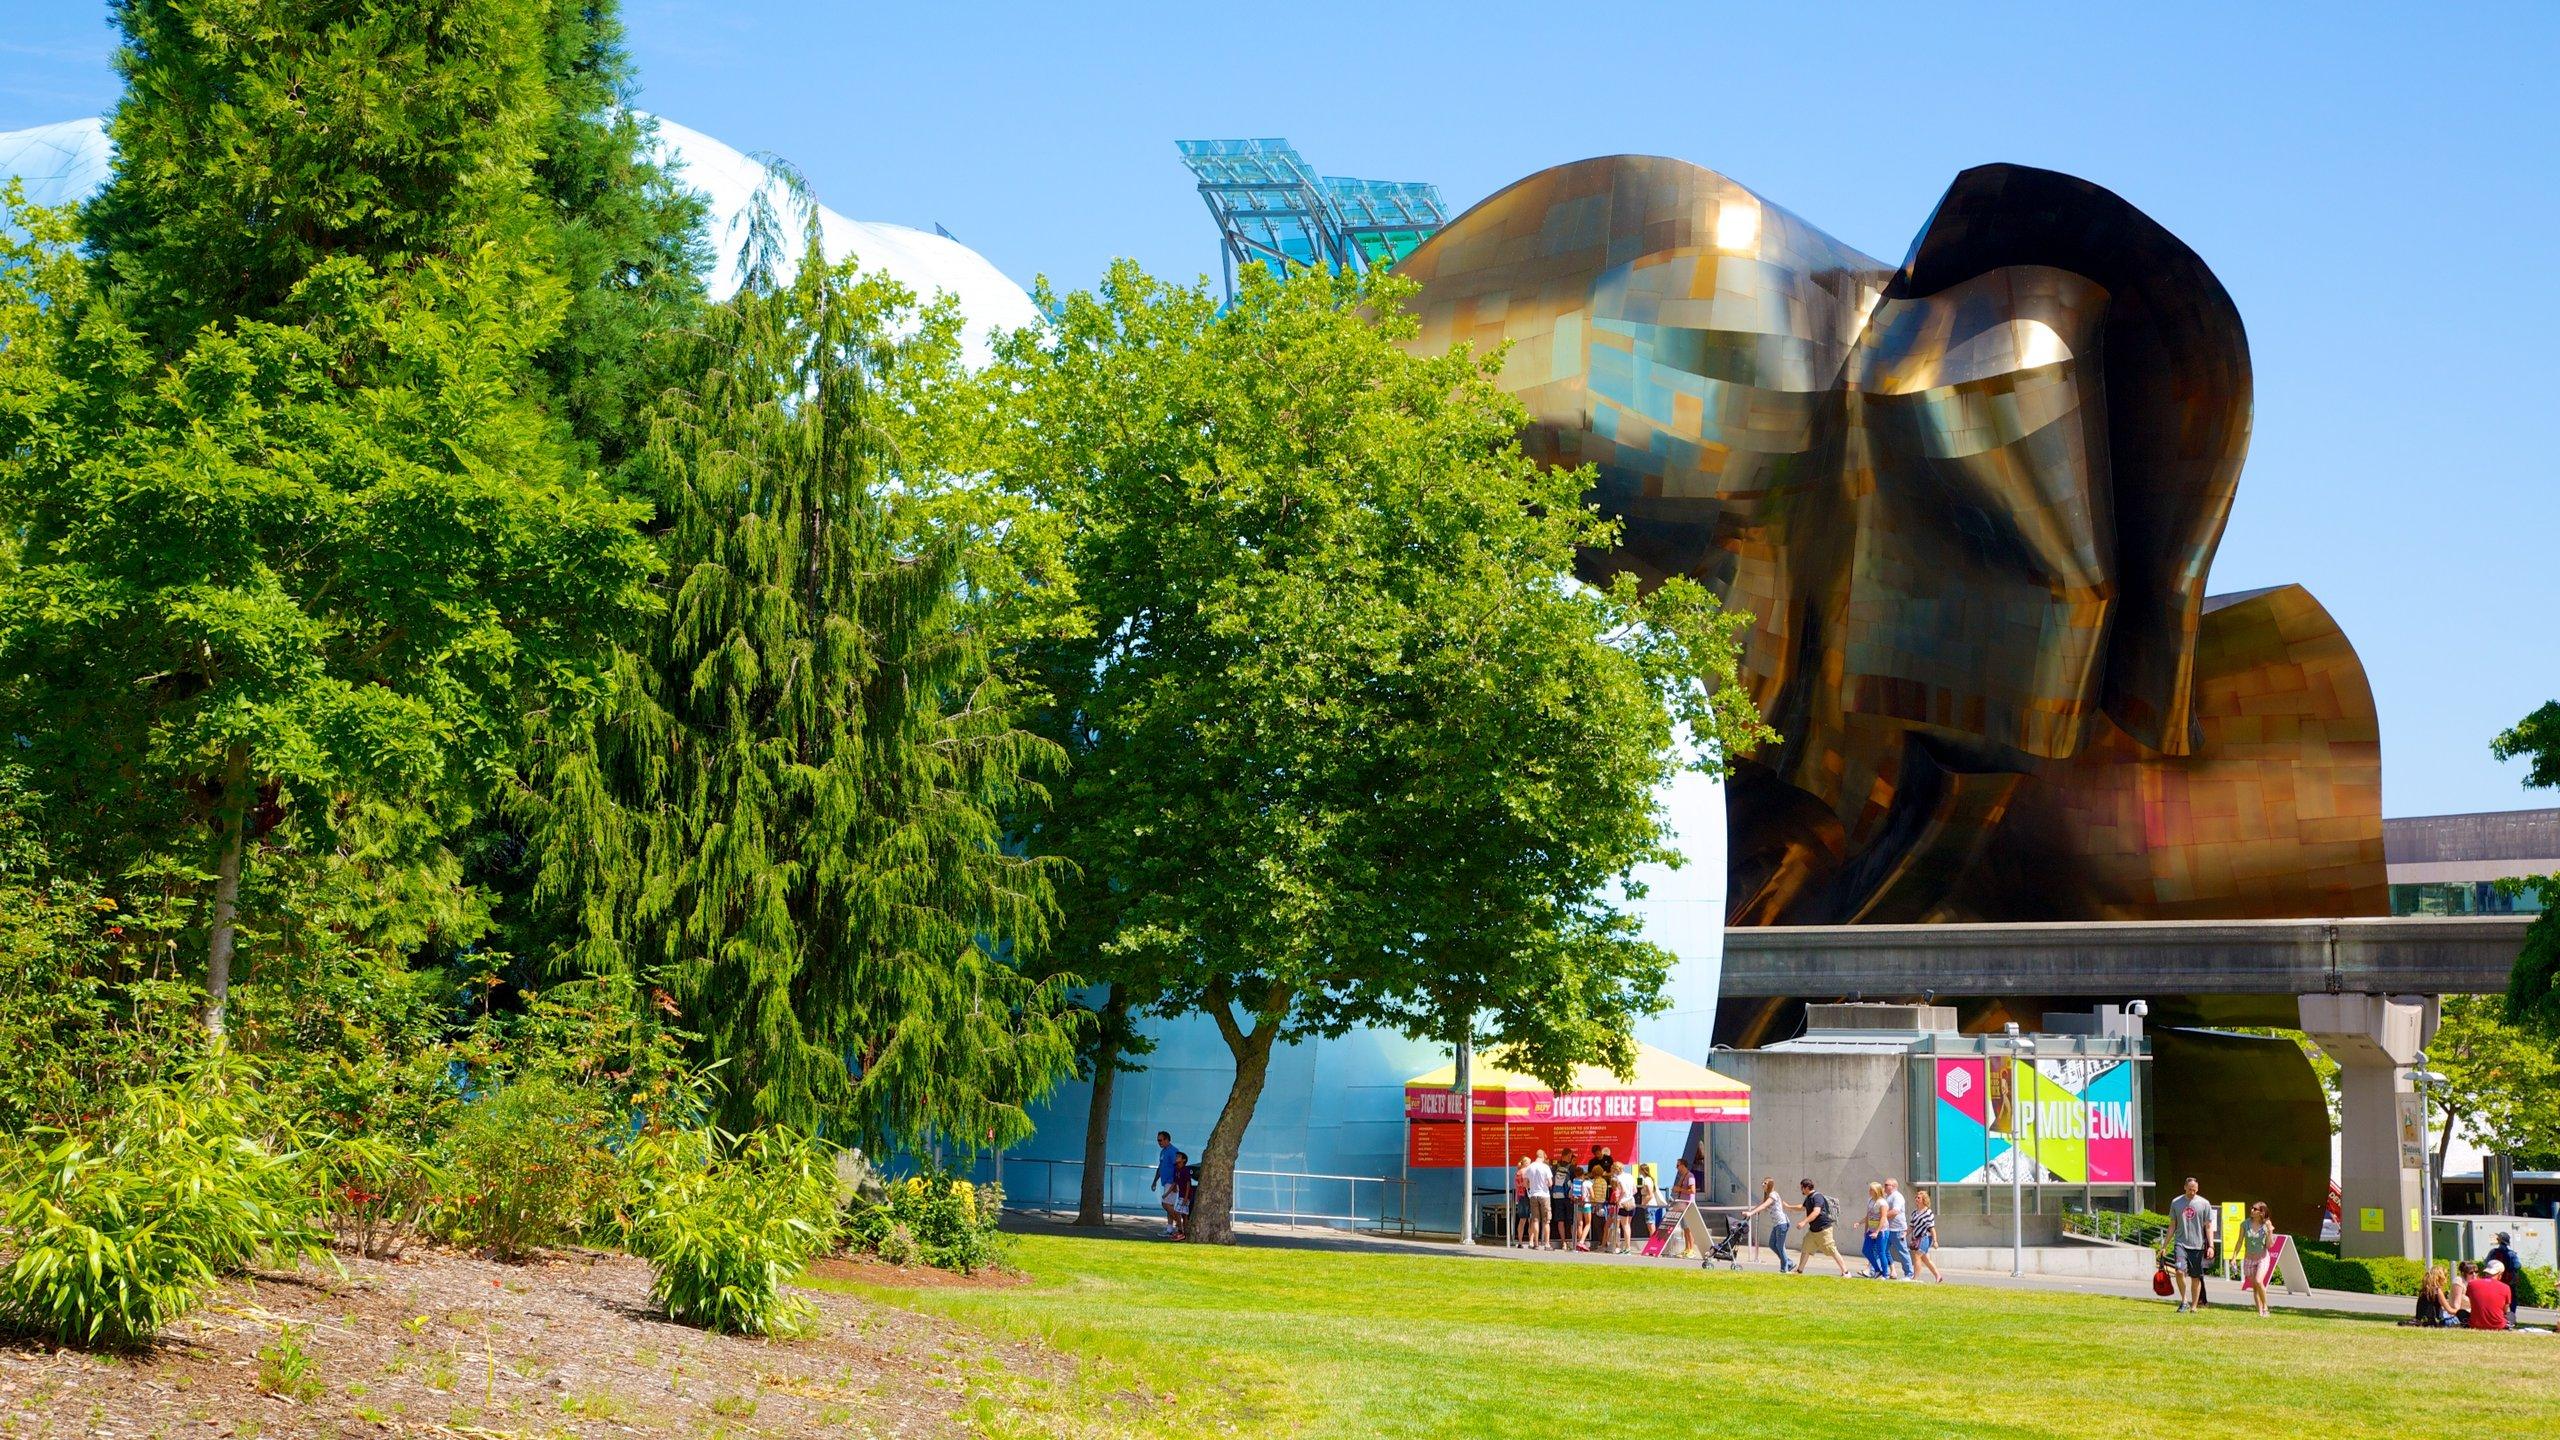 Dette kulturelle distriktet er et produkt av World Fair som ble arrangert her i 1962 og er det stedet i Seattle der du er garantert å finne sport, teater, film og utmerkede restauranter.